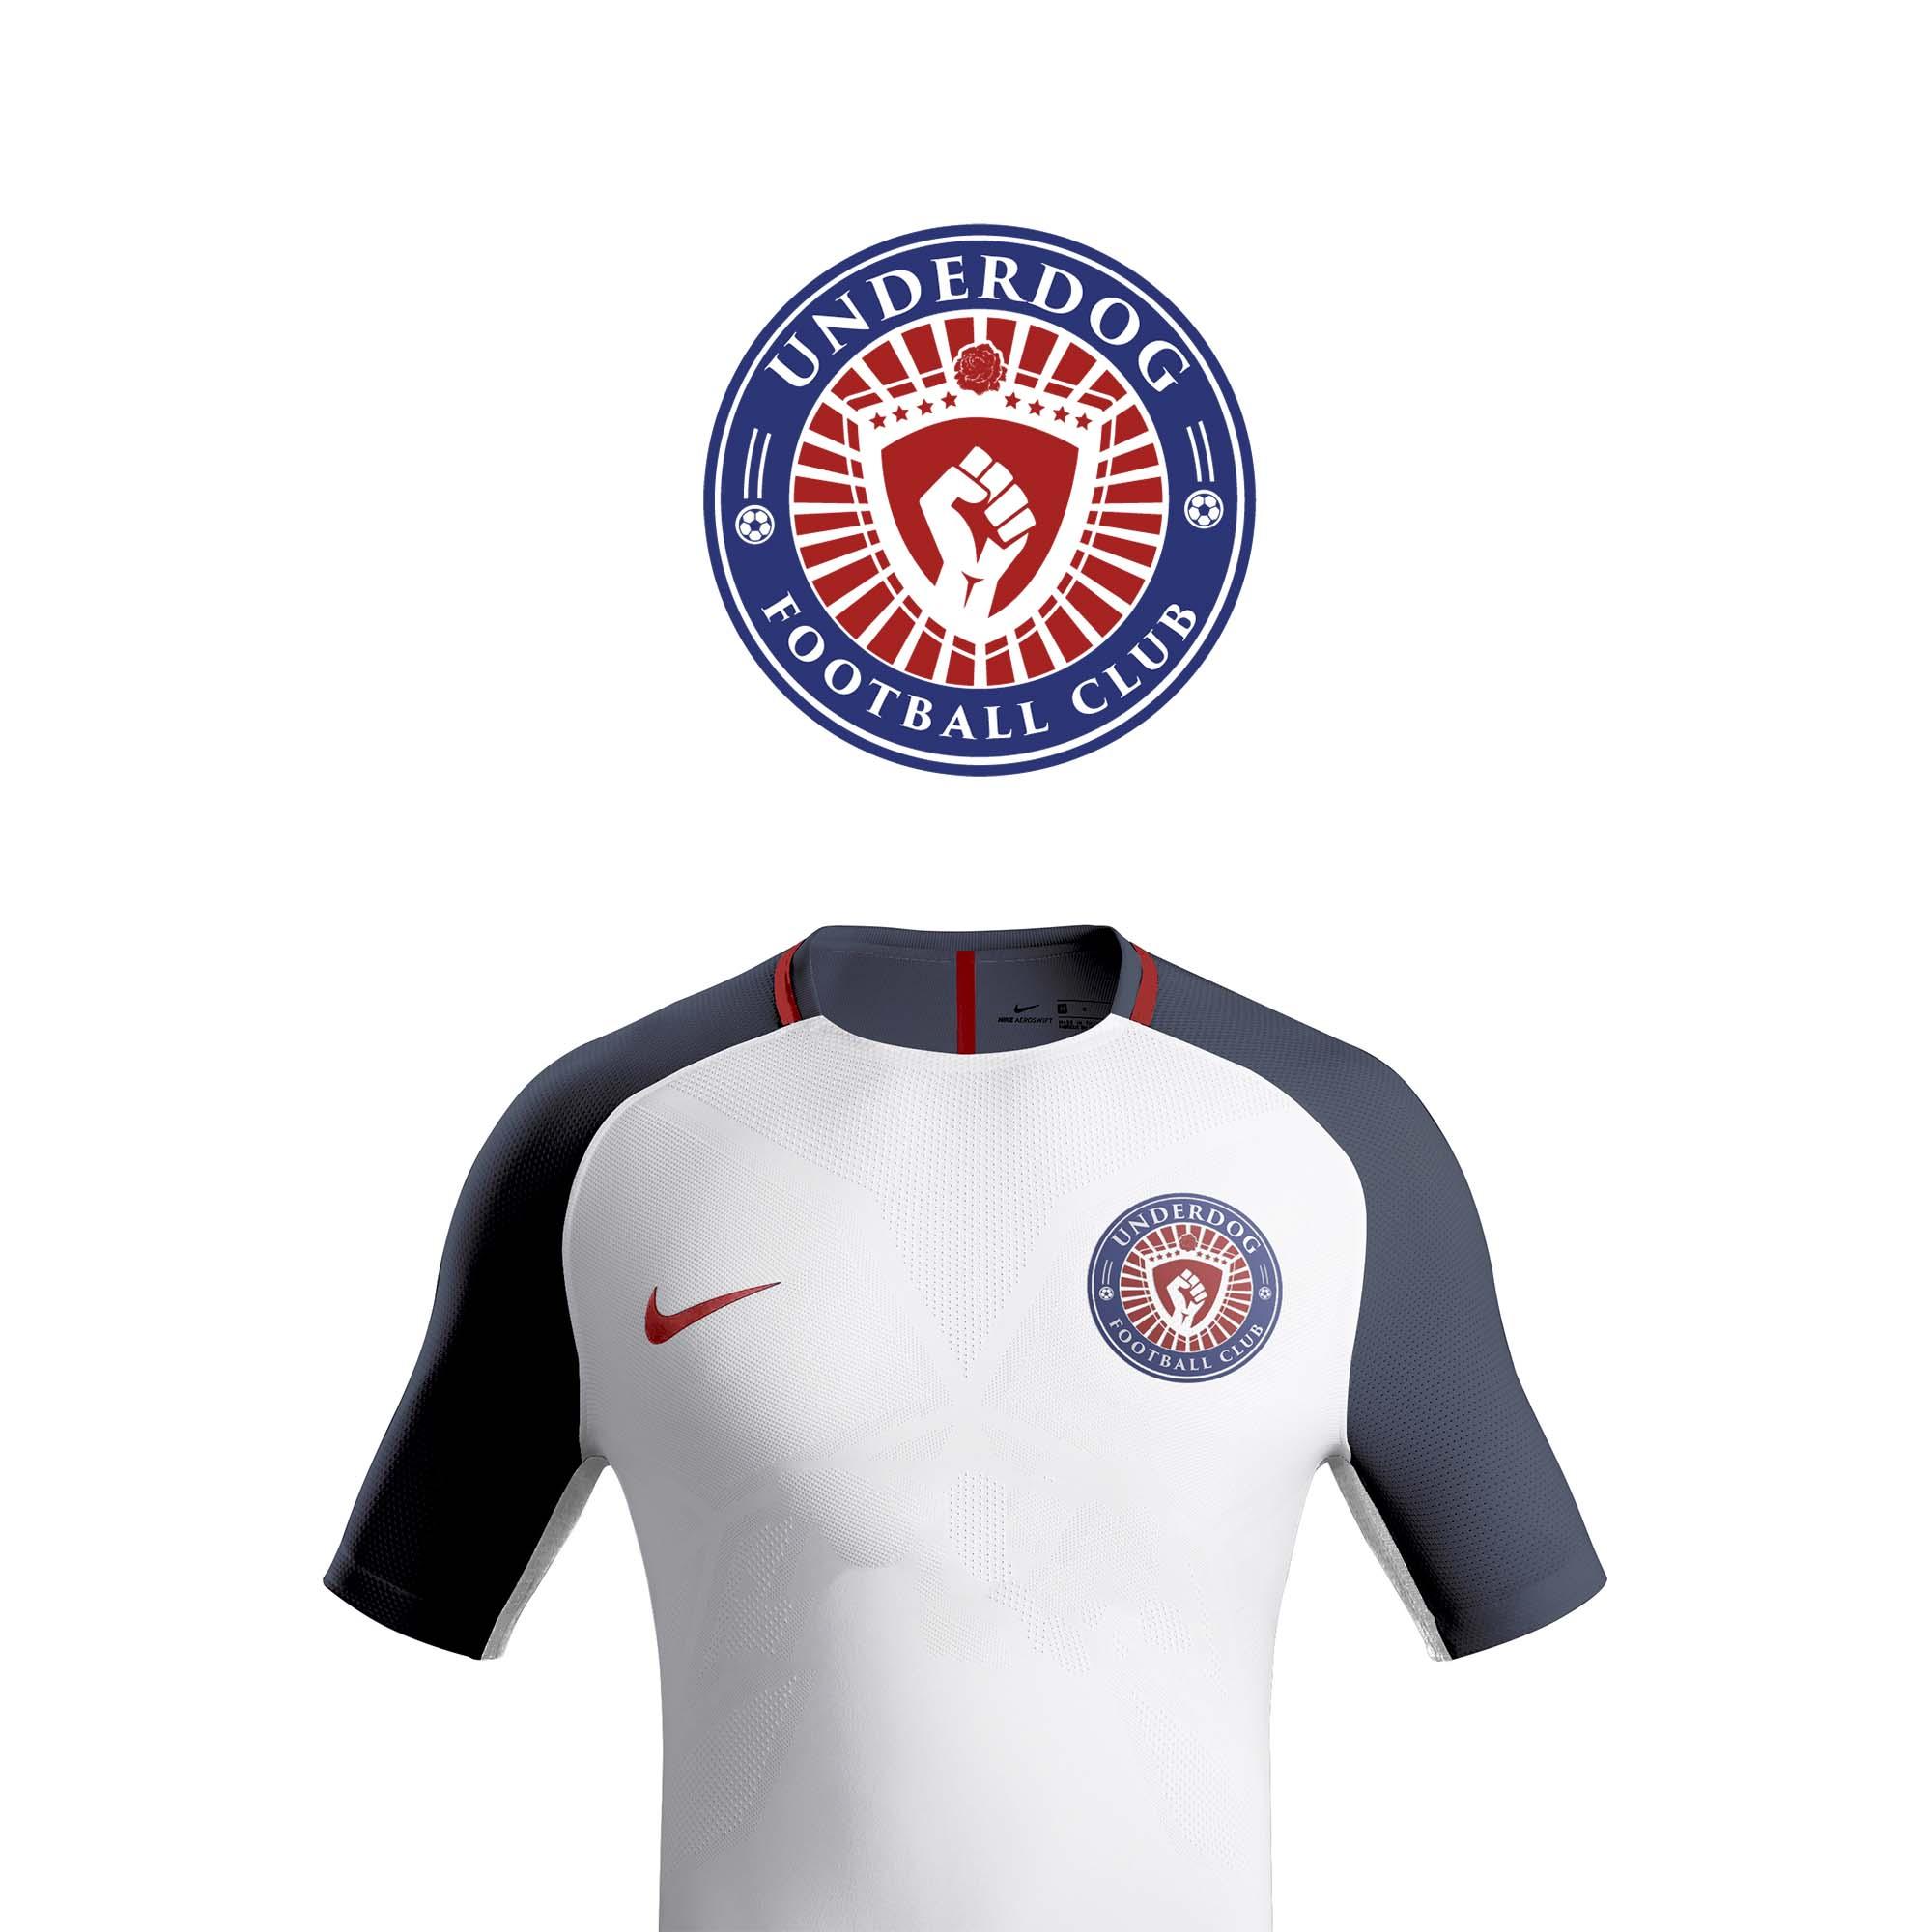 Футбольный клуб UNDERDOG - разработать фирстиль и бренд-бук фото f_5955cb4b3ce8d747.jpg